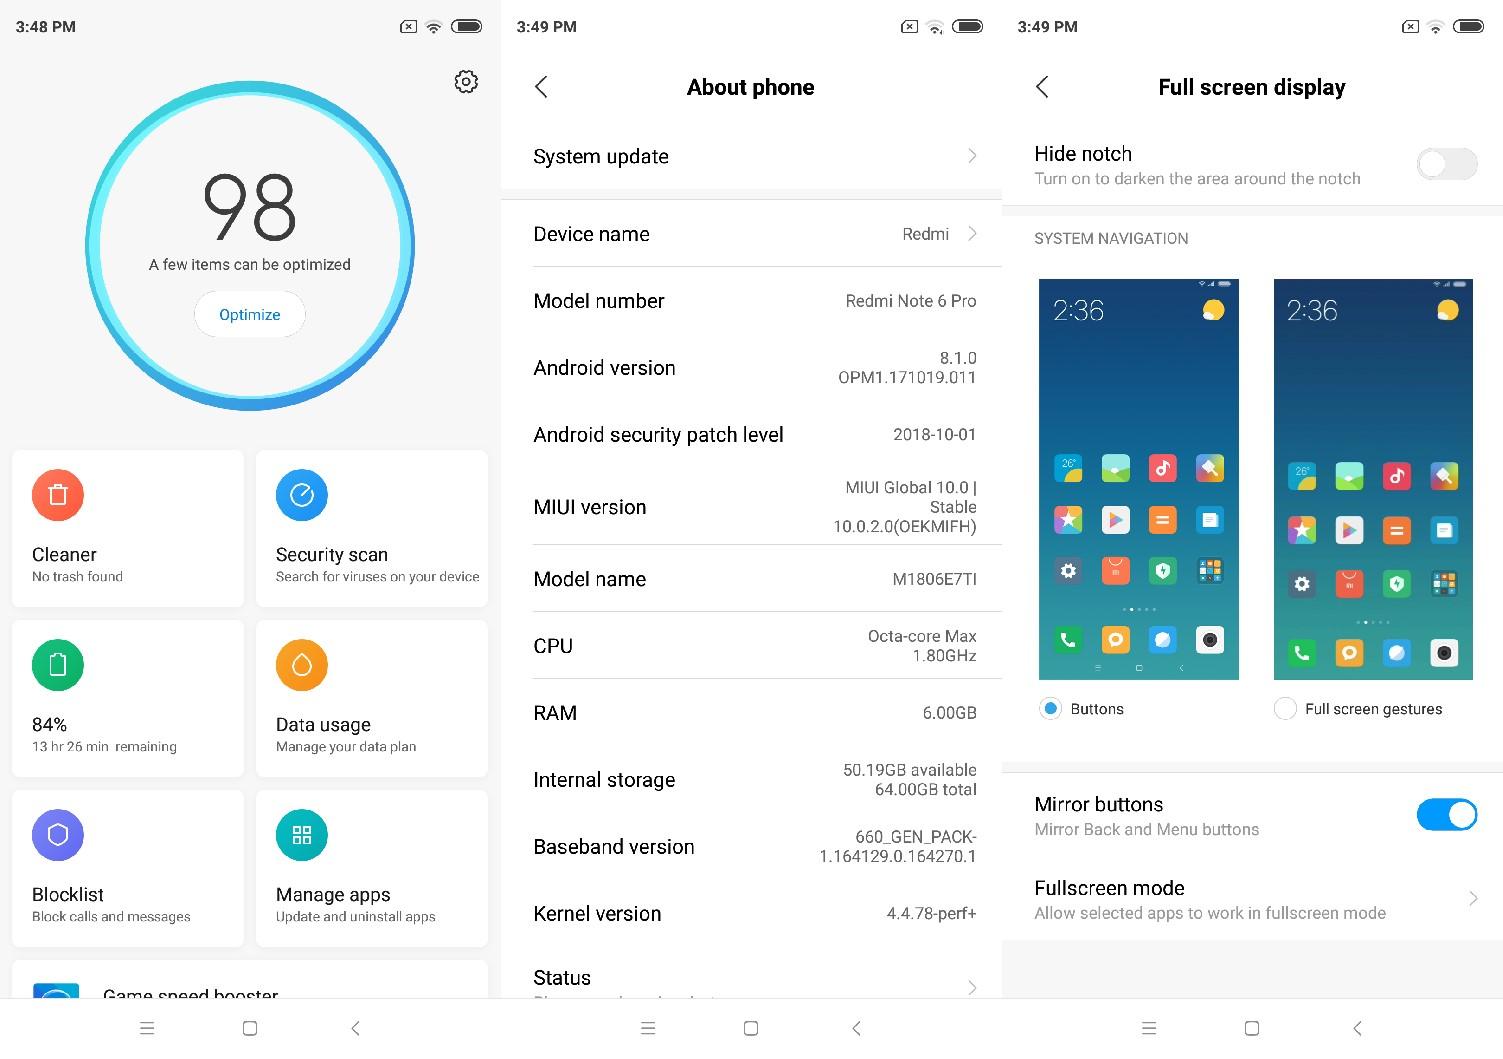 Redmi Note 6 Pro miui settings menu